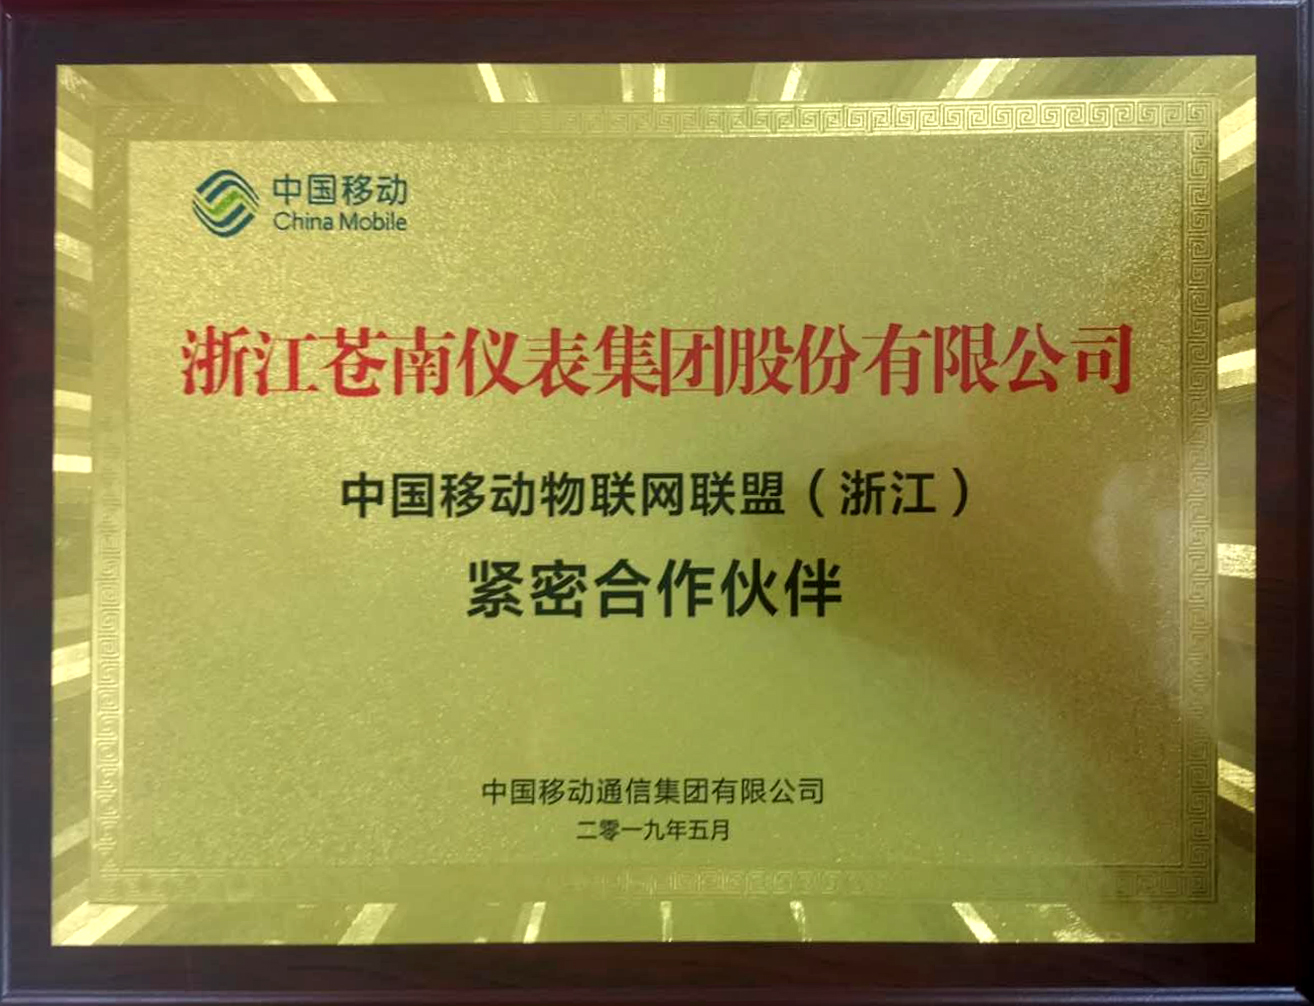 2019中国移动物联网kb88凯时-浙江紧密合作伙伴